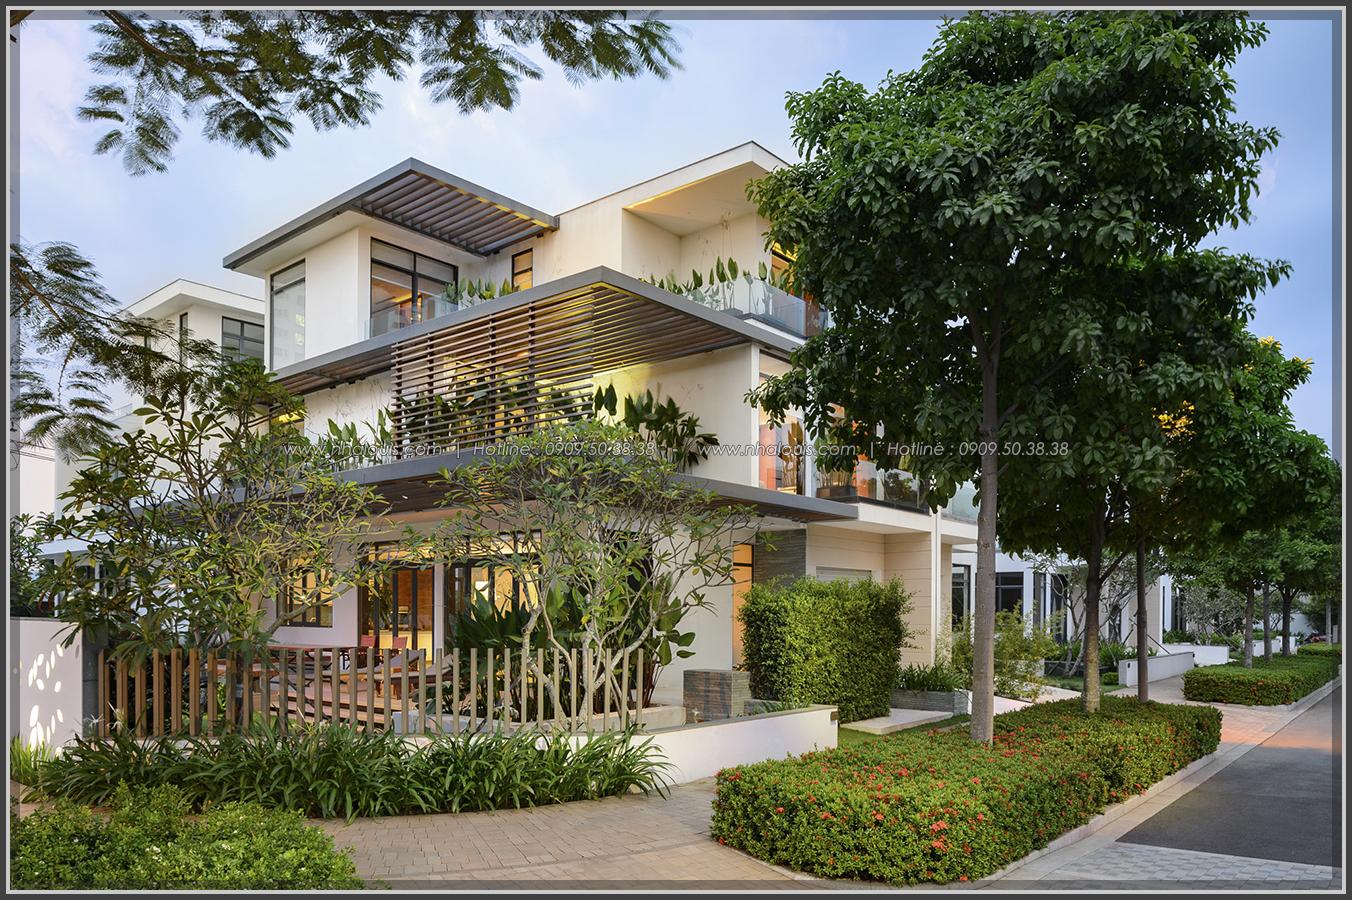 Thiết kế nội thất biệt thự sinh thái cao cấp Lucasta Villa 5 sao tại Quận 9 - 2